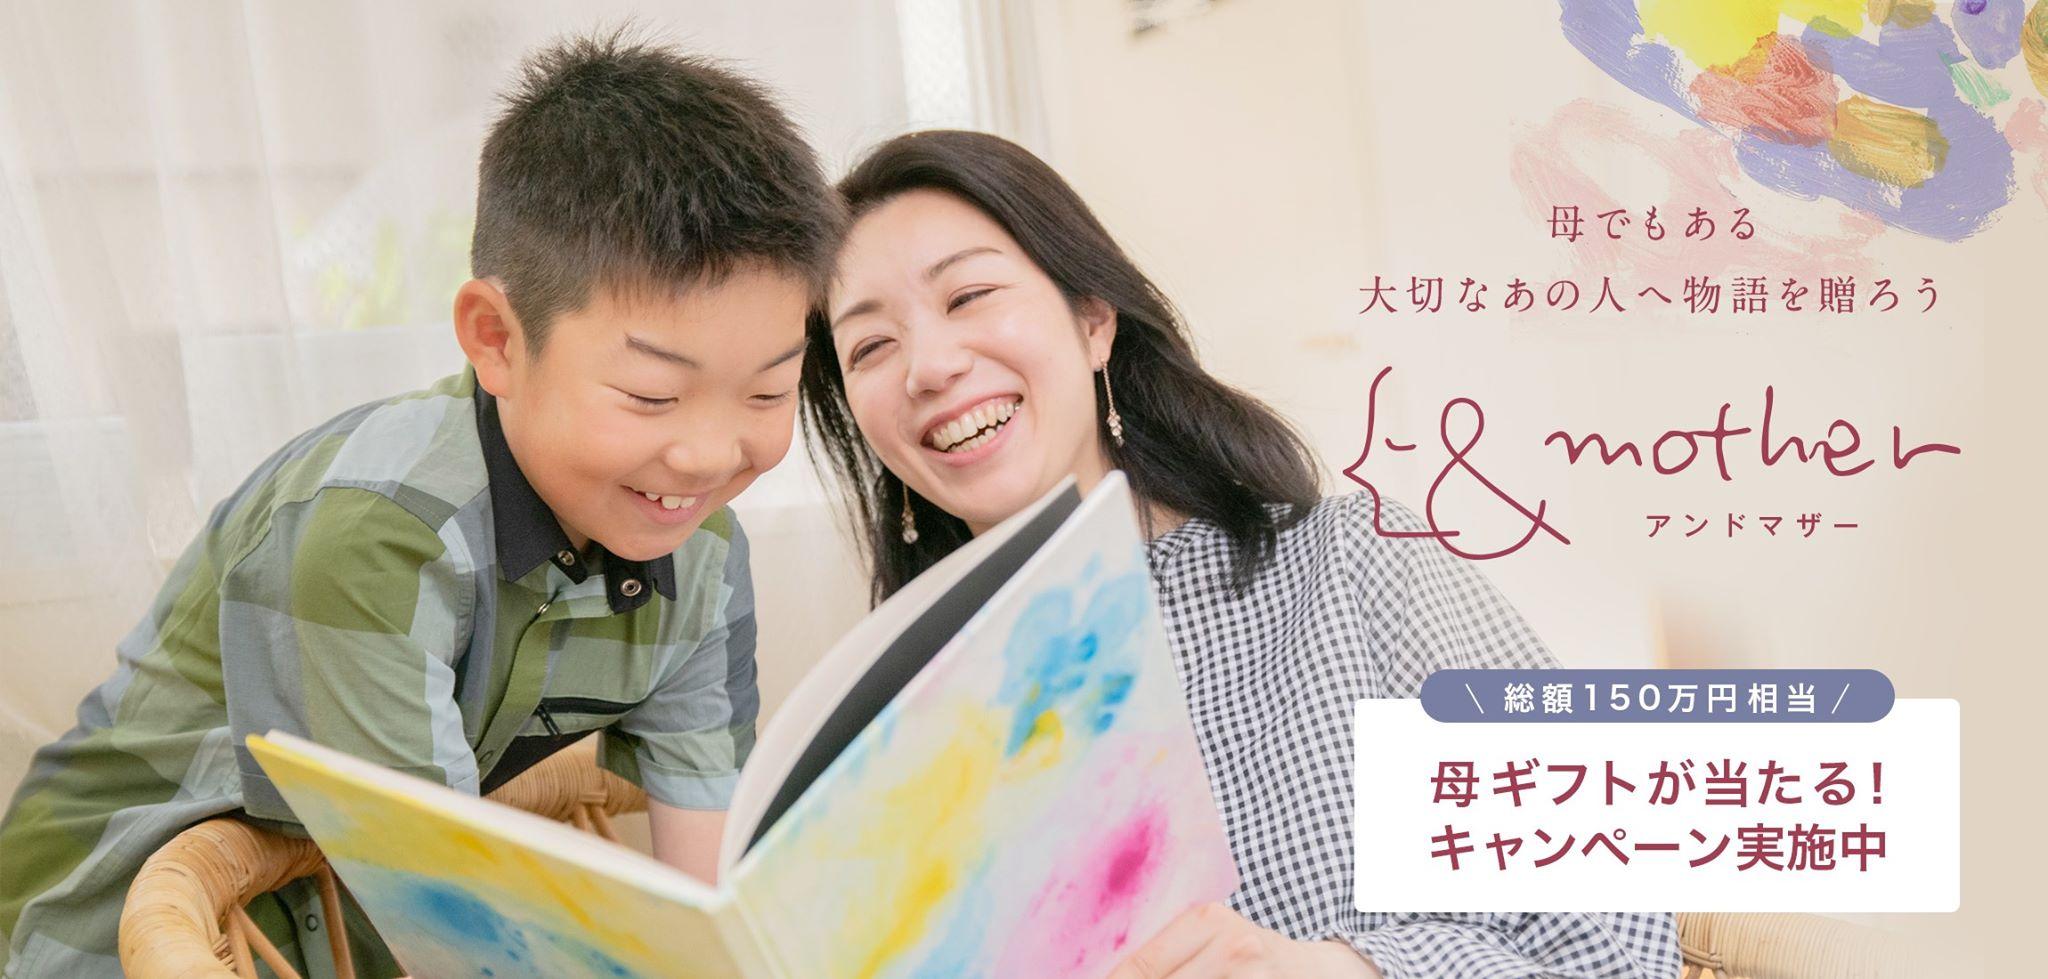 STORY&Co.と丸紅の協業による「&mother」キャンペーンを開始